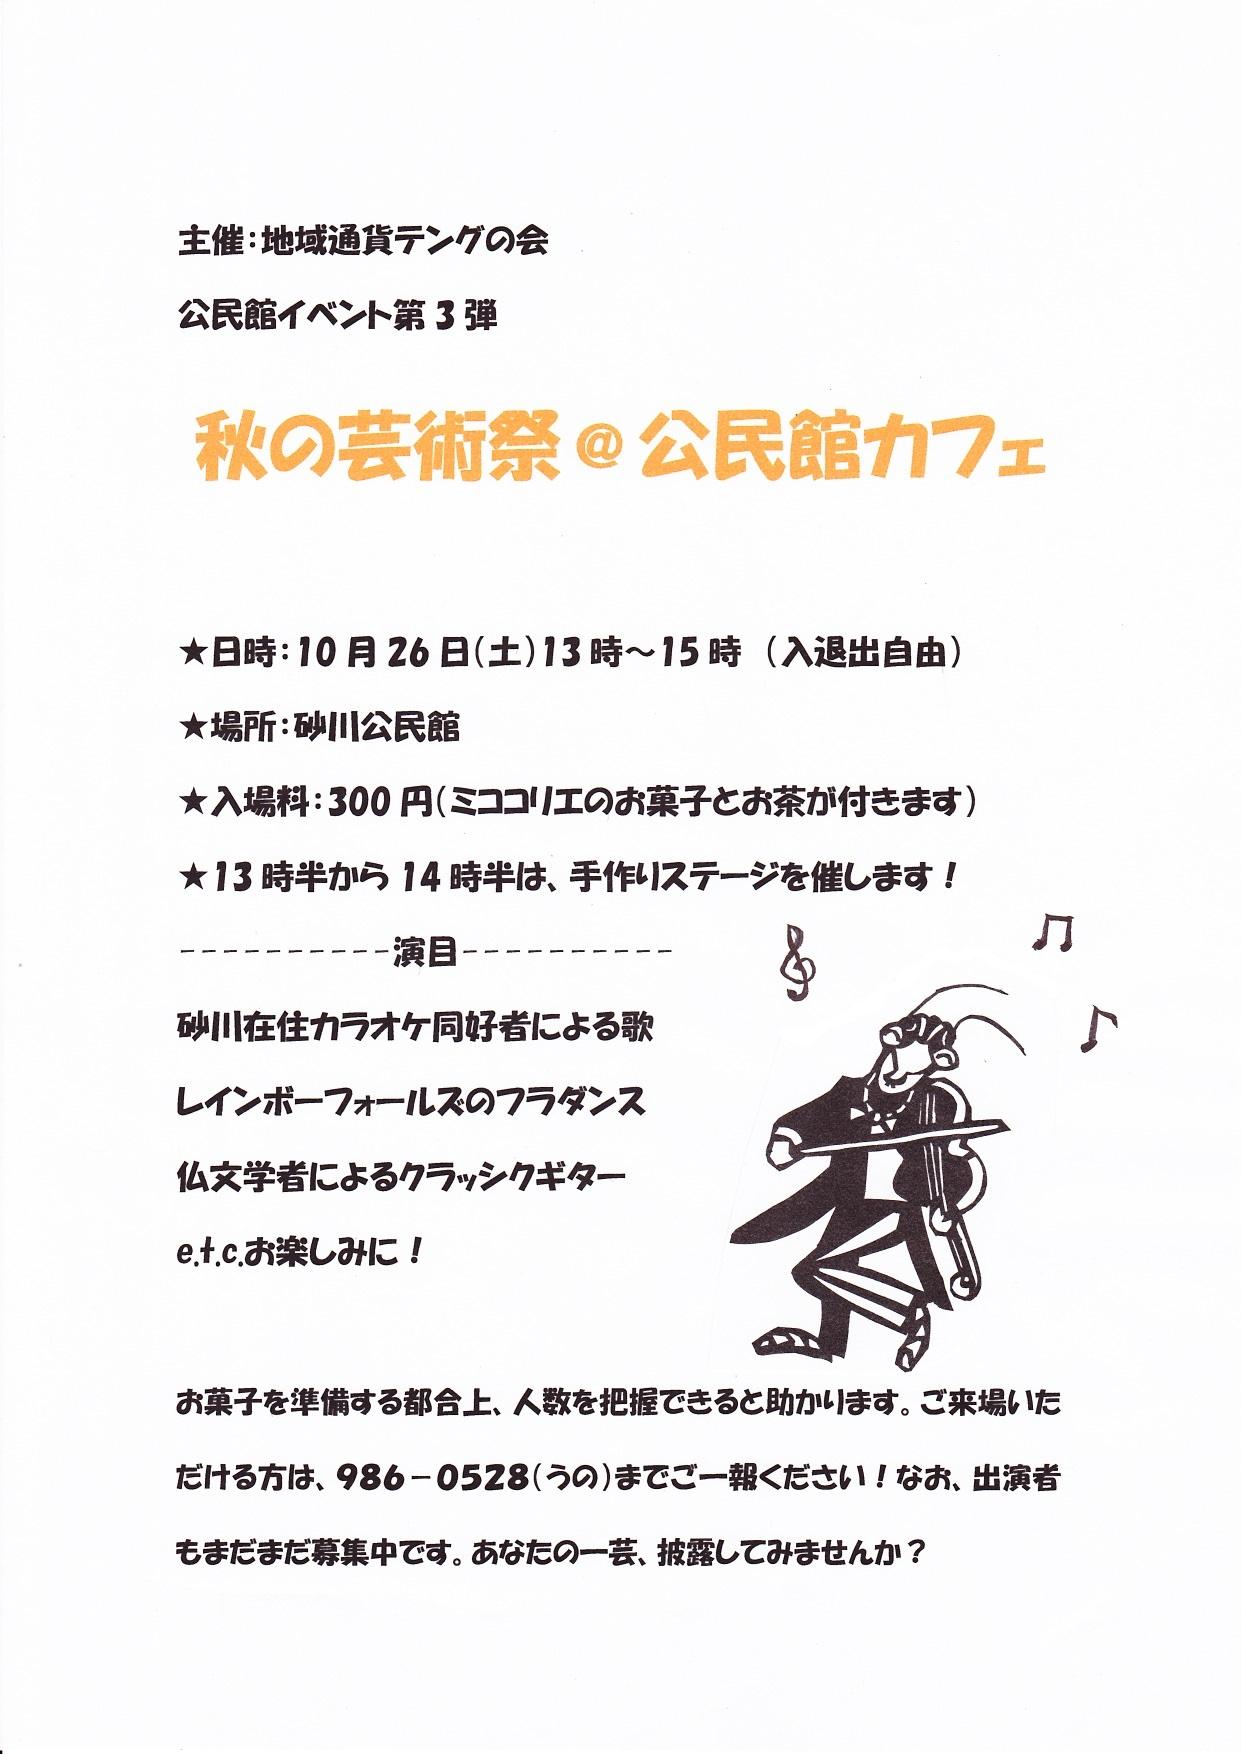 公民館コンサート_b0141264_0545643.jpg